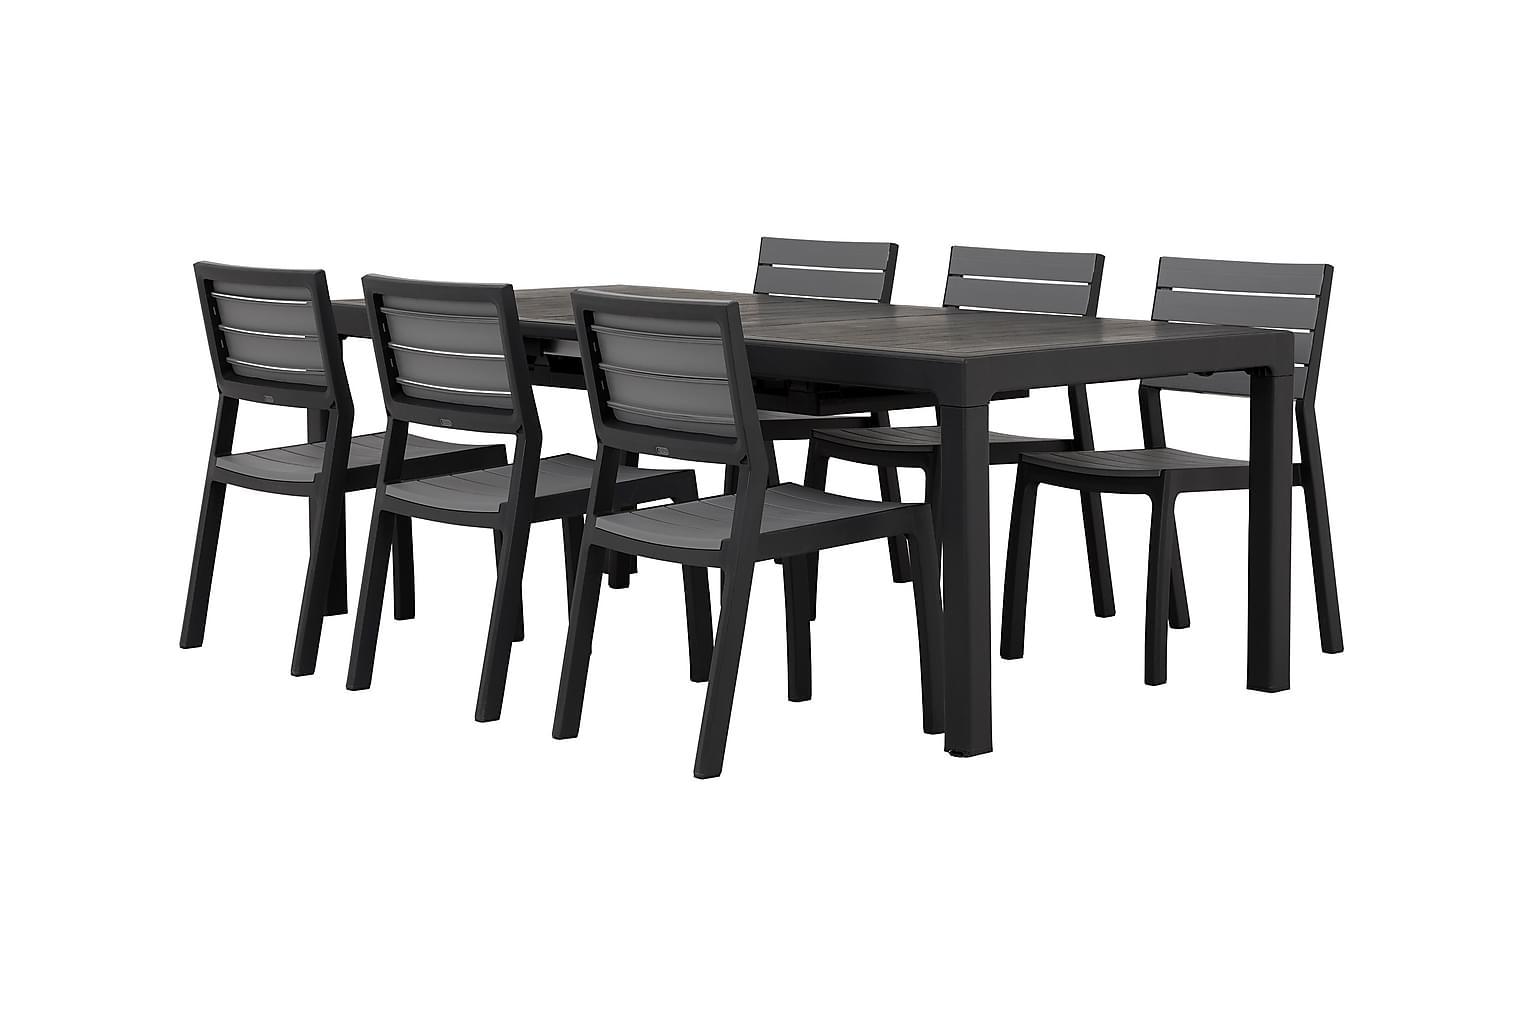 CAYMAN Pöytä Musta + 6 BILBAO Pinottavaa tuolia Harmaa/Musta